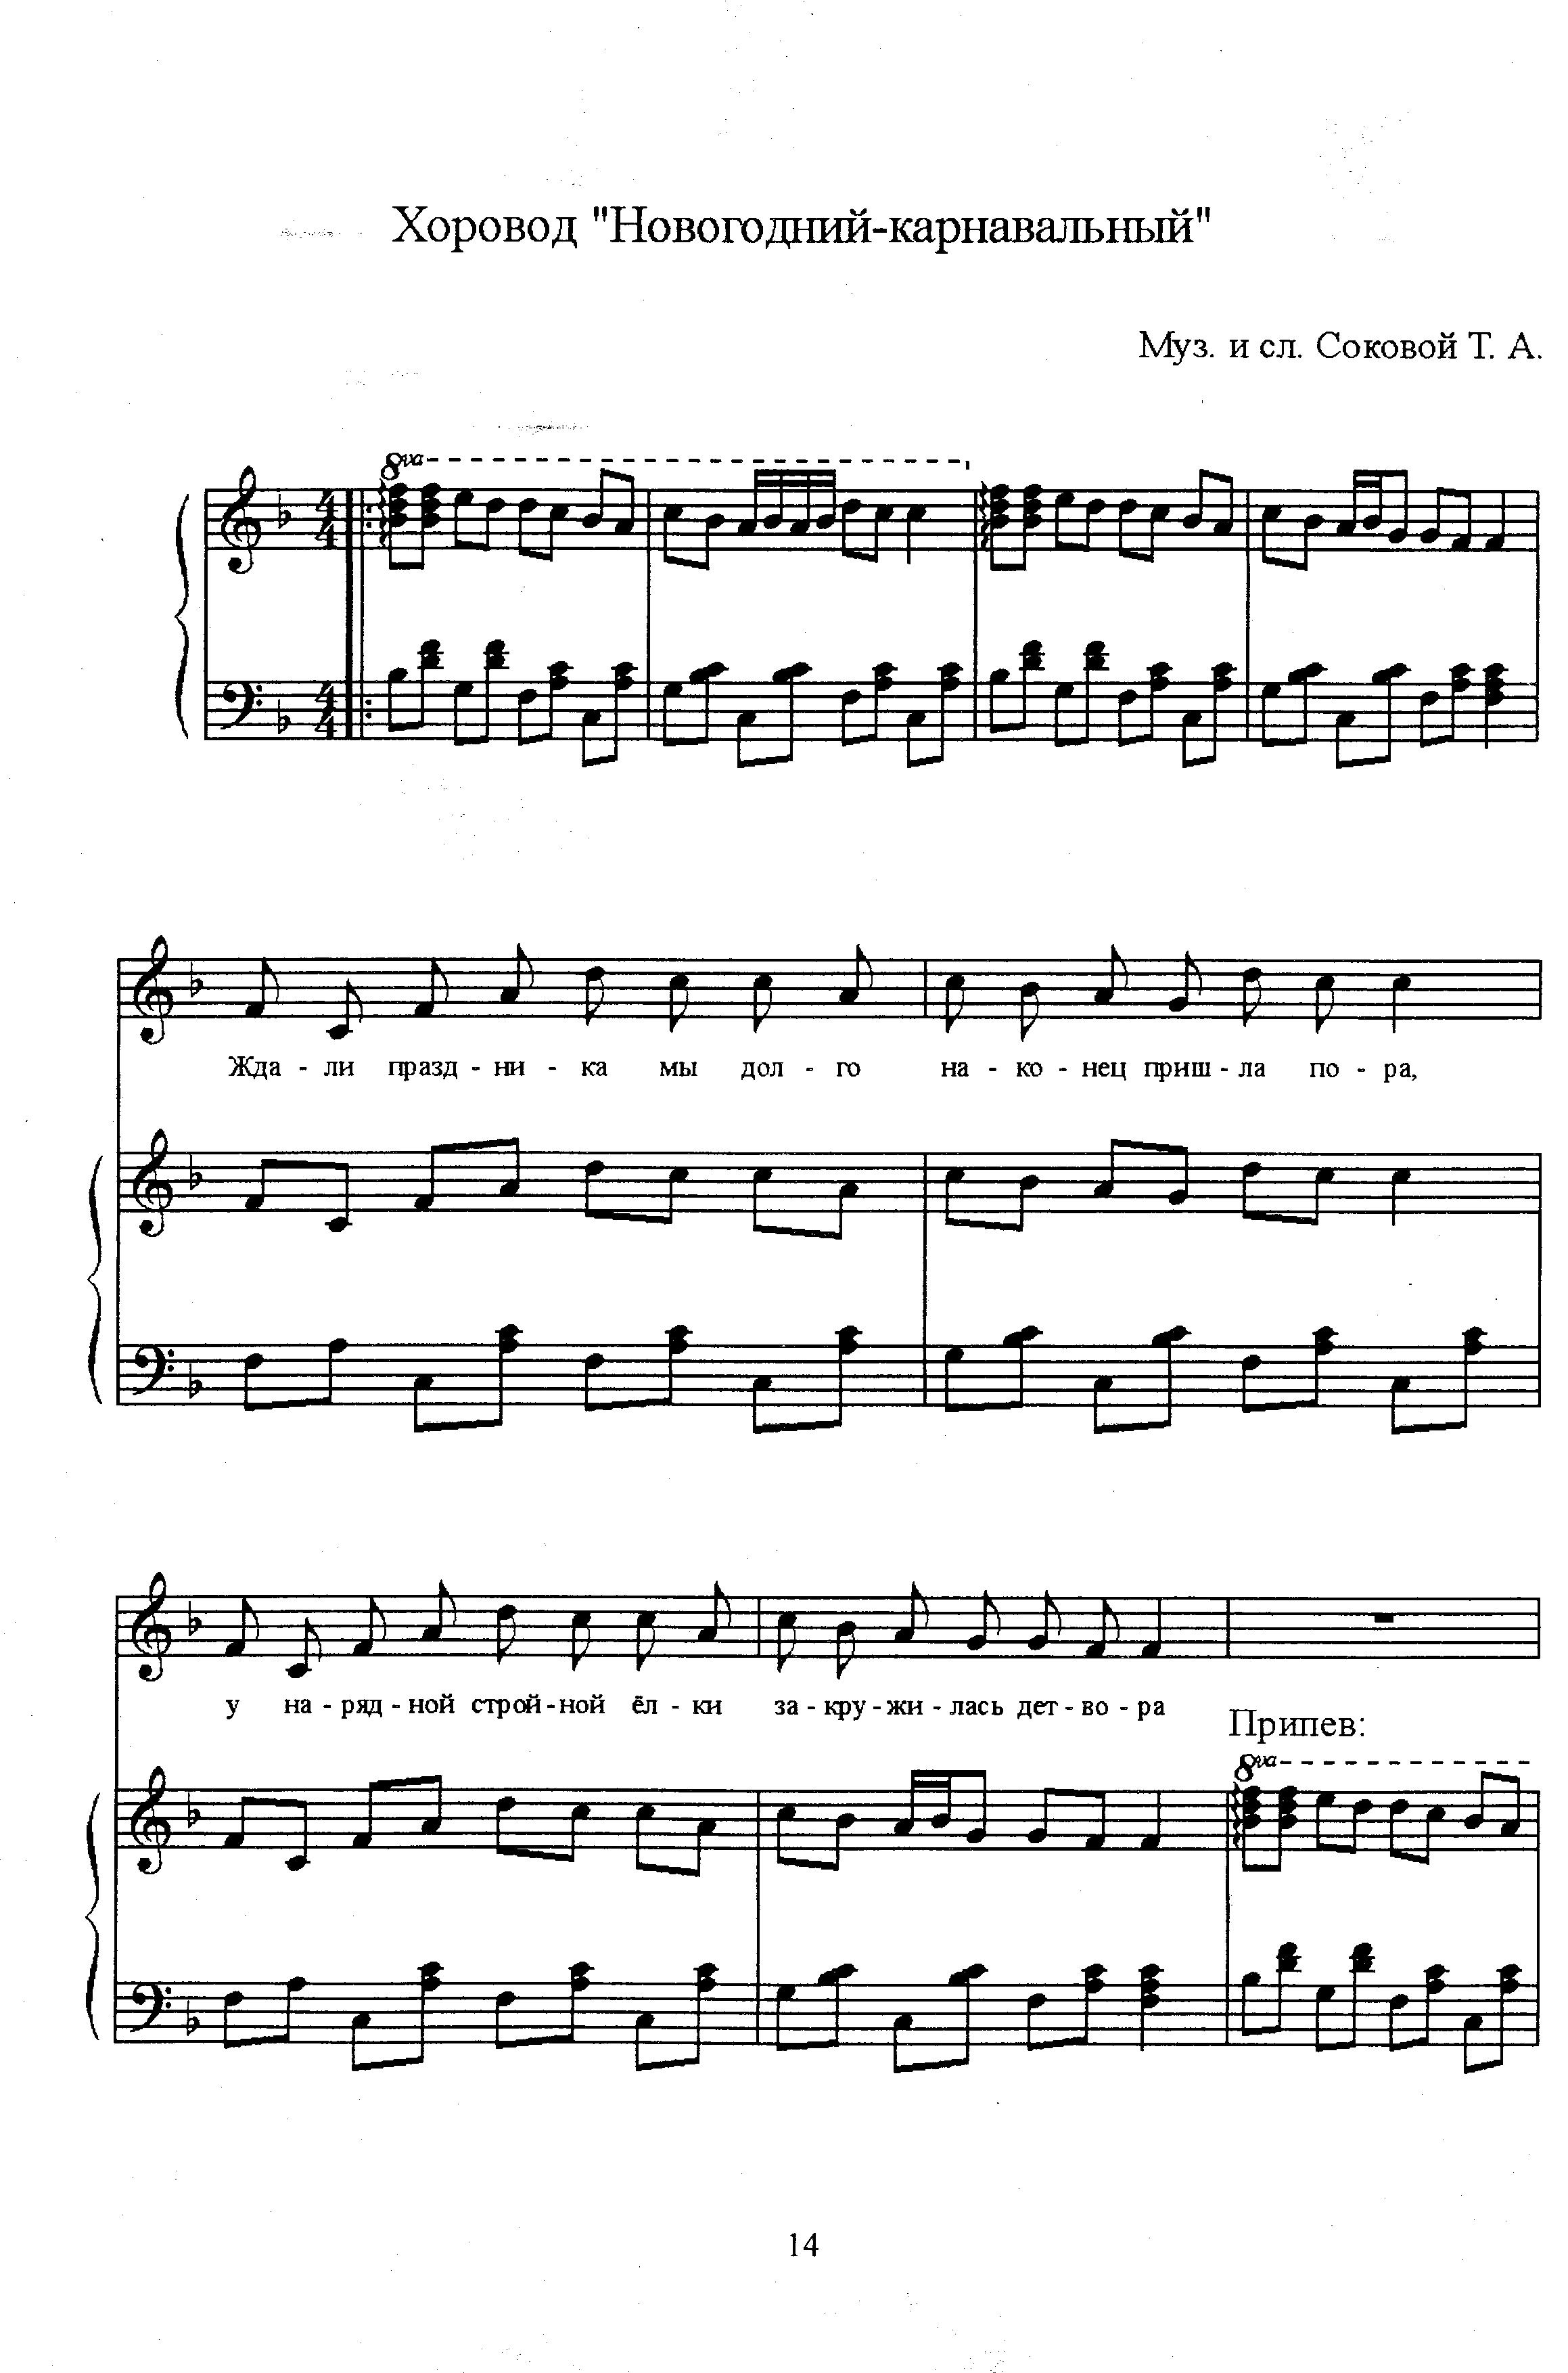 белье новогодняя хороводная песня для детей выполнения